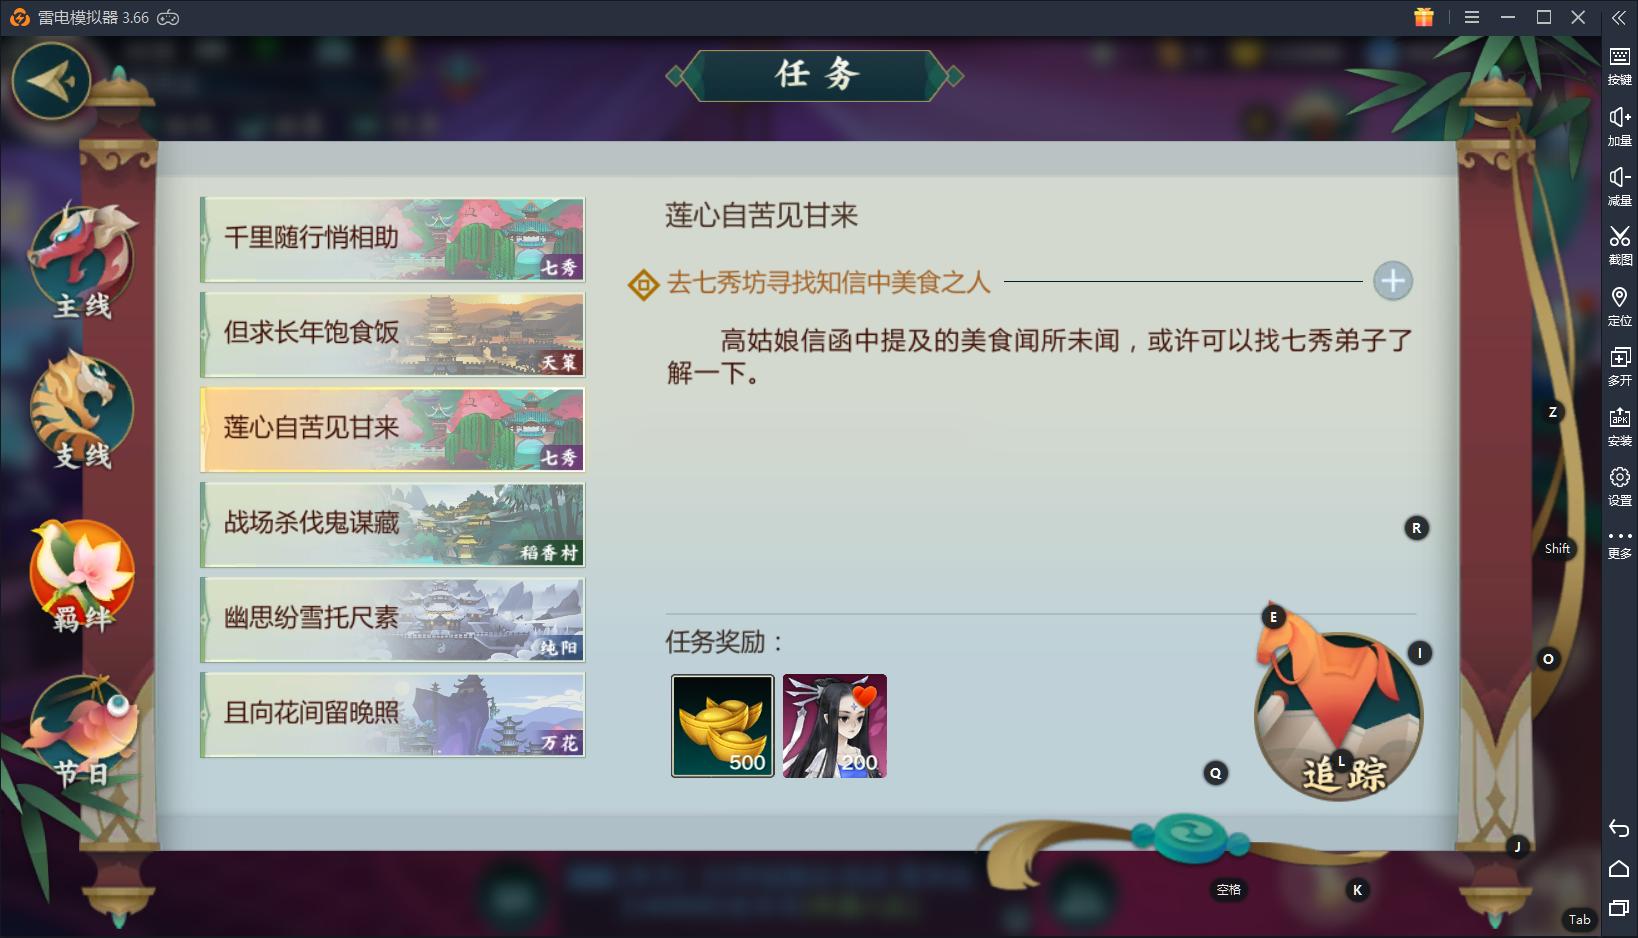 剑网3指尖江湖:抛弃繁琐前置任务,直接攻略心仪角色